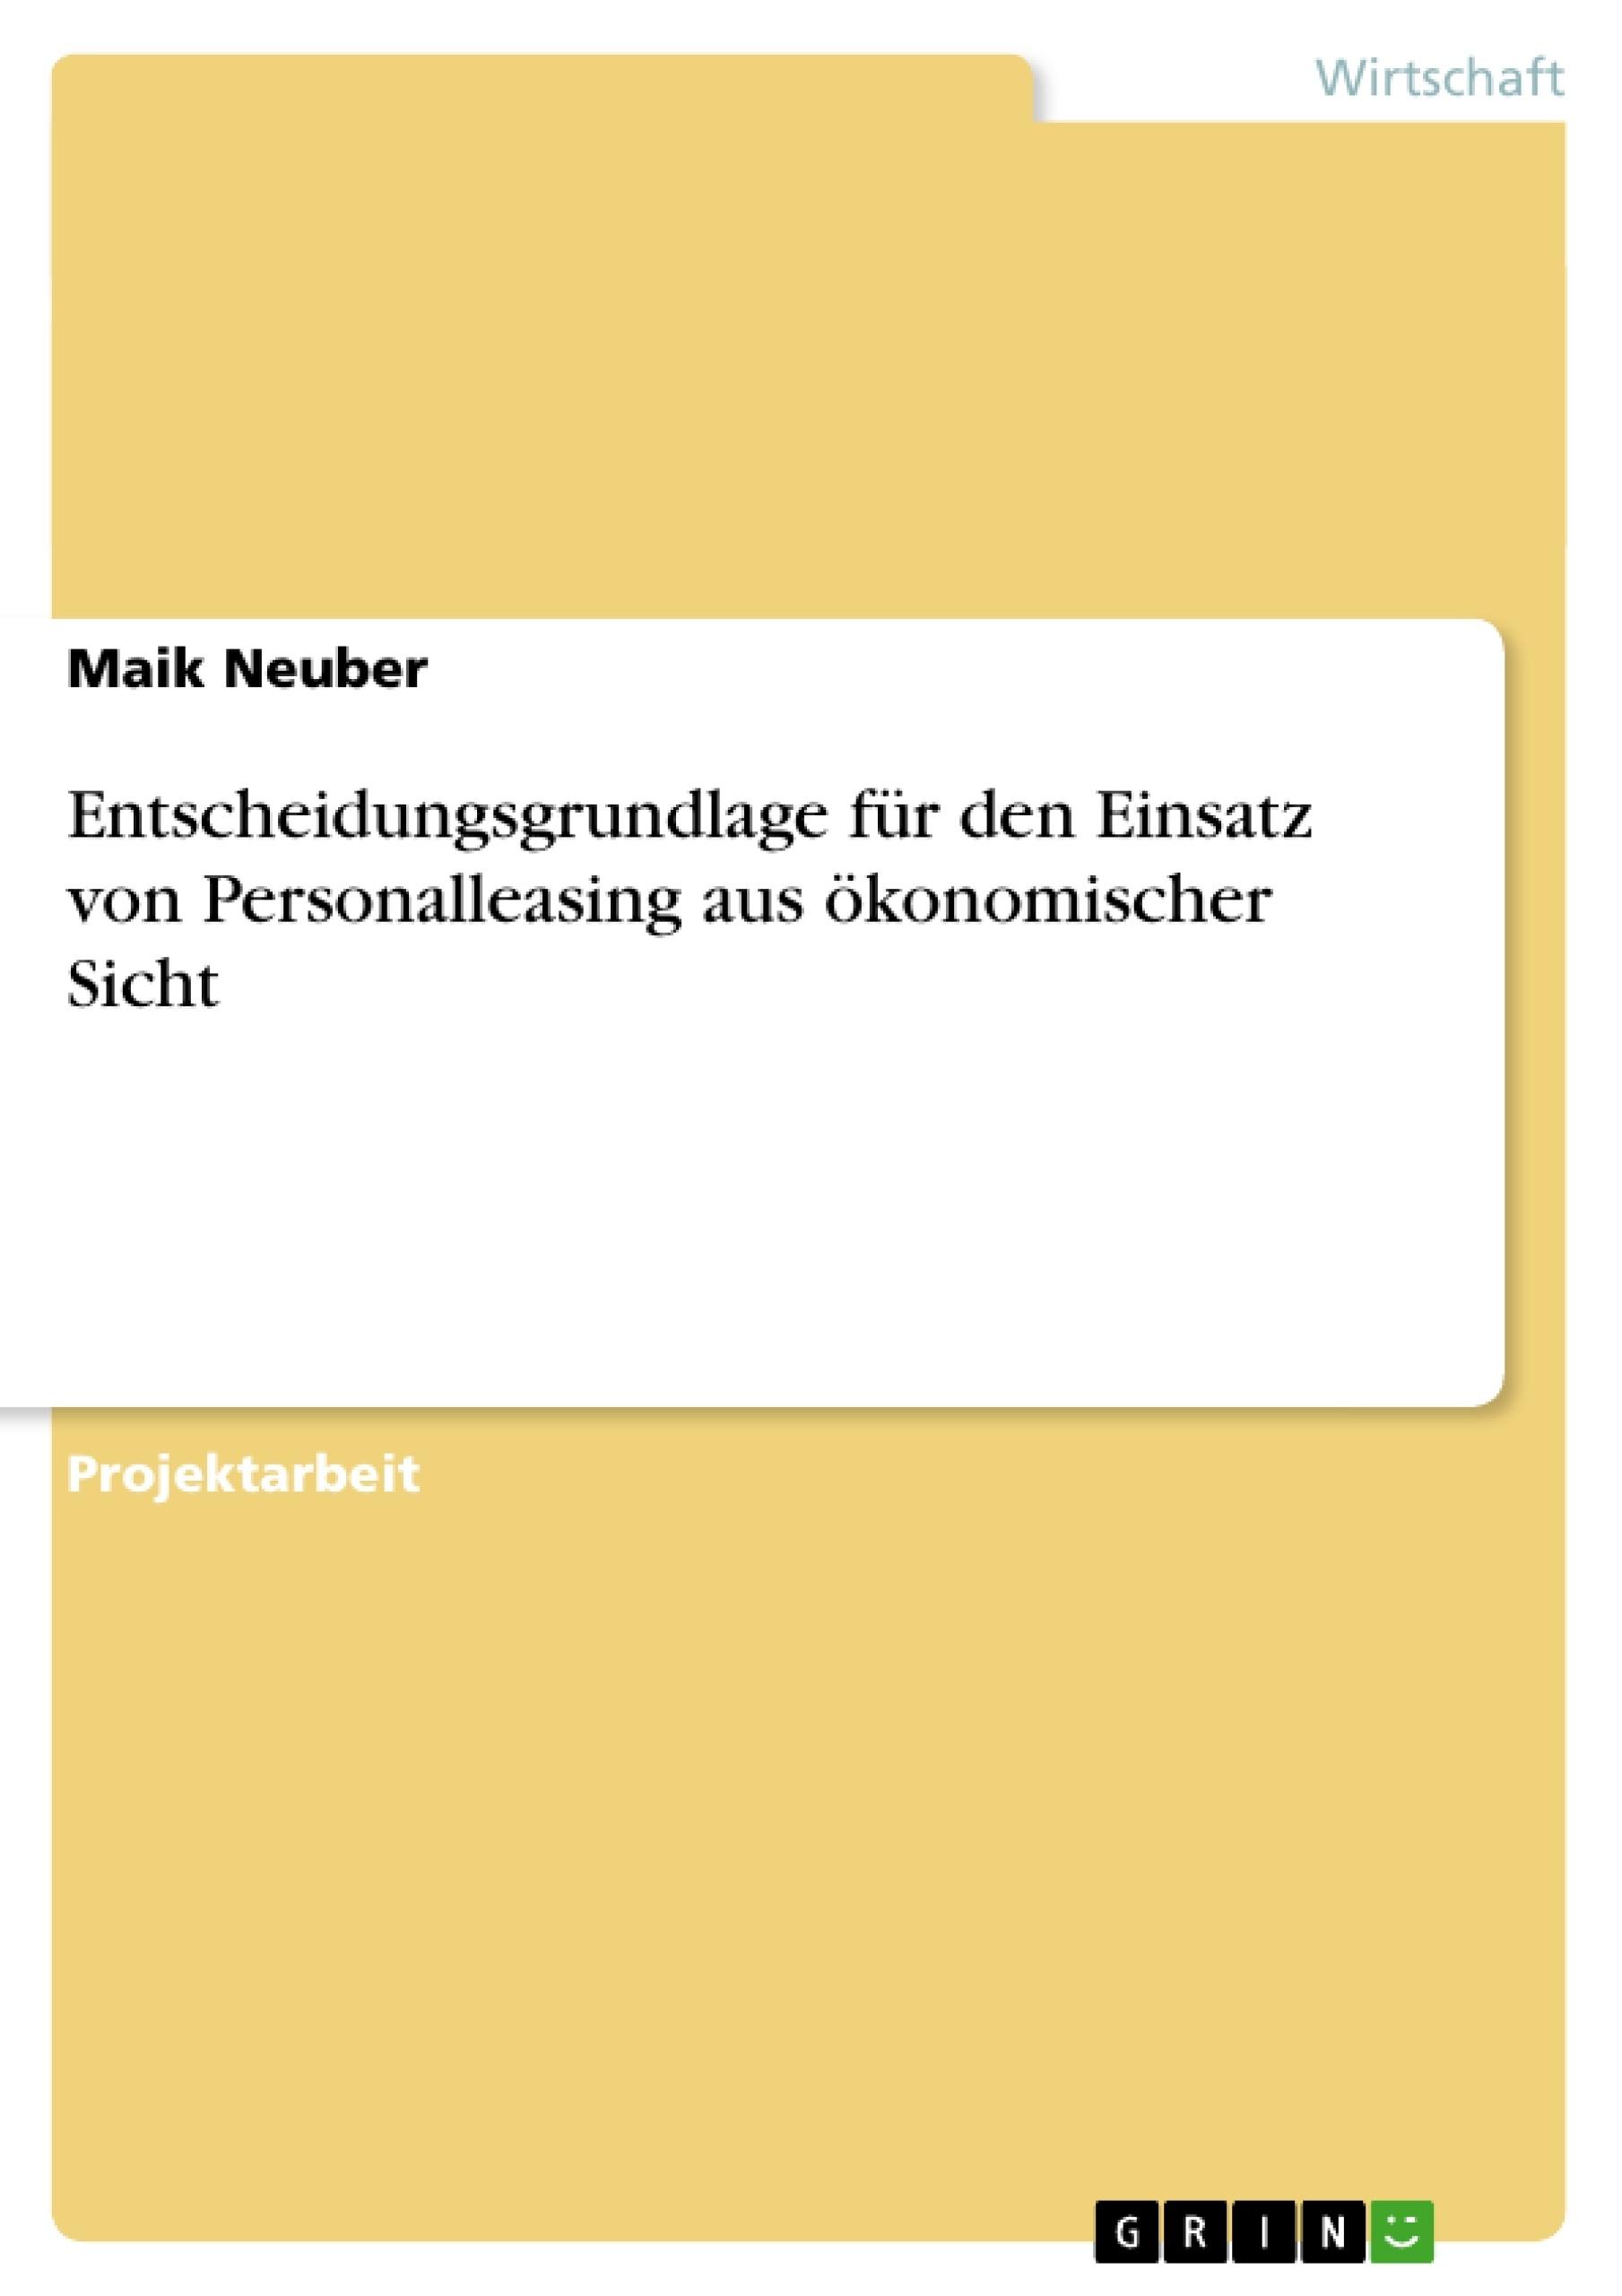 Titel: Entscheidungsgrundlage für den Einsatz von Personalleasing aus ökonomischer Sicht